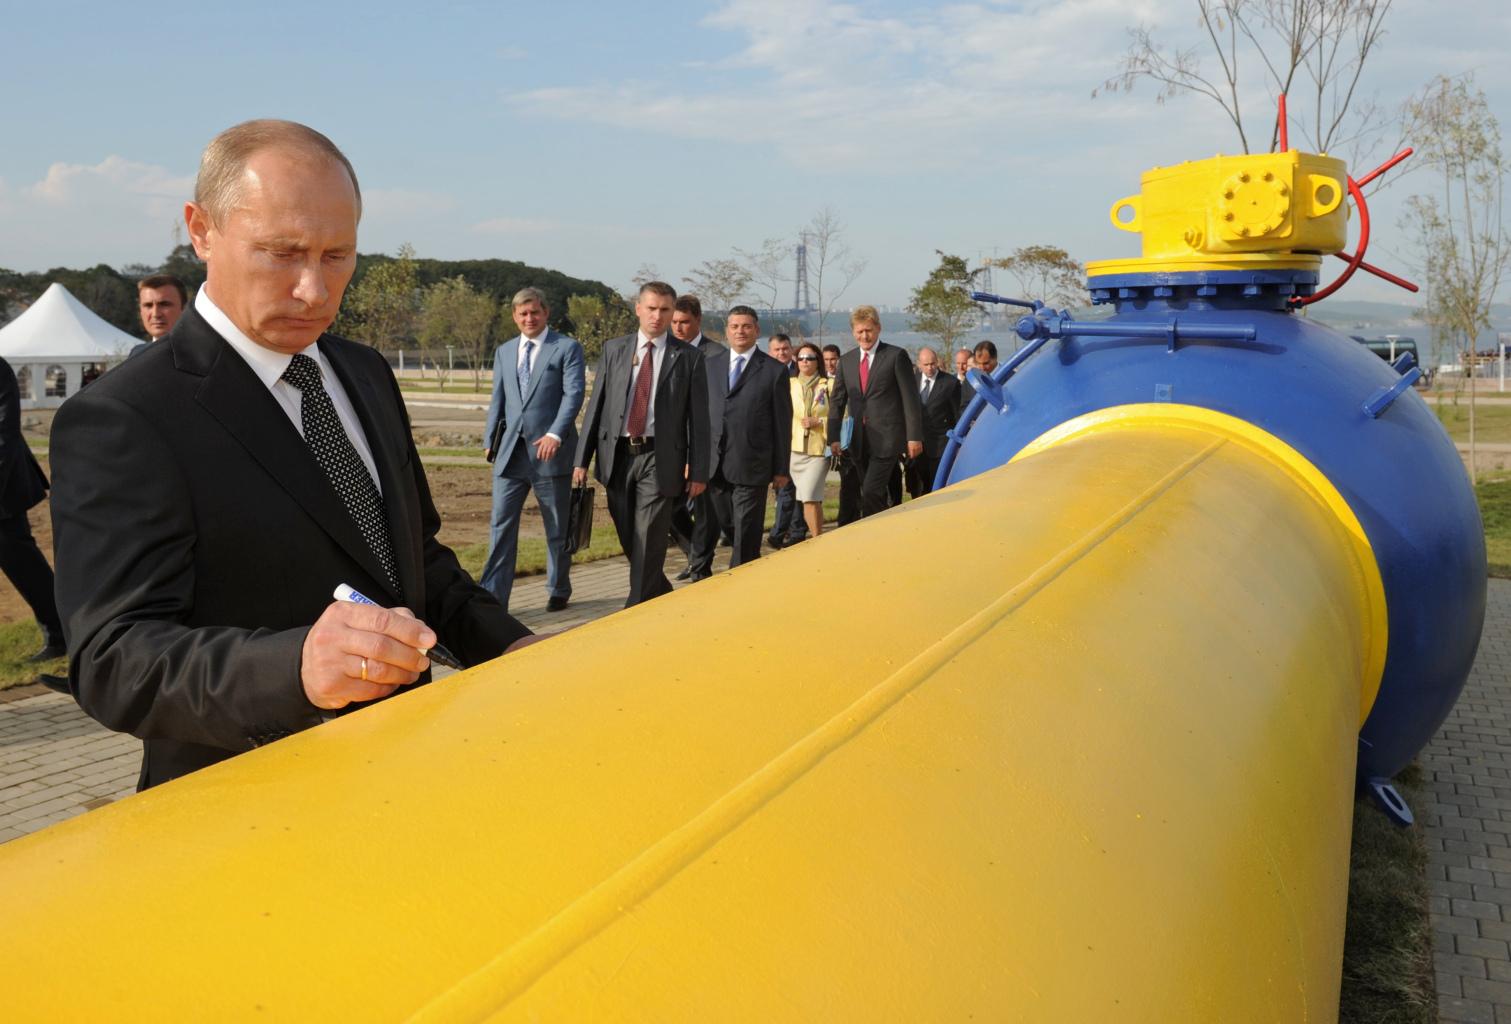 PUSULA | Rusya: Sovyet mirası ve doğal kaynaklar yeter mi?